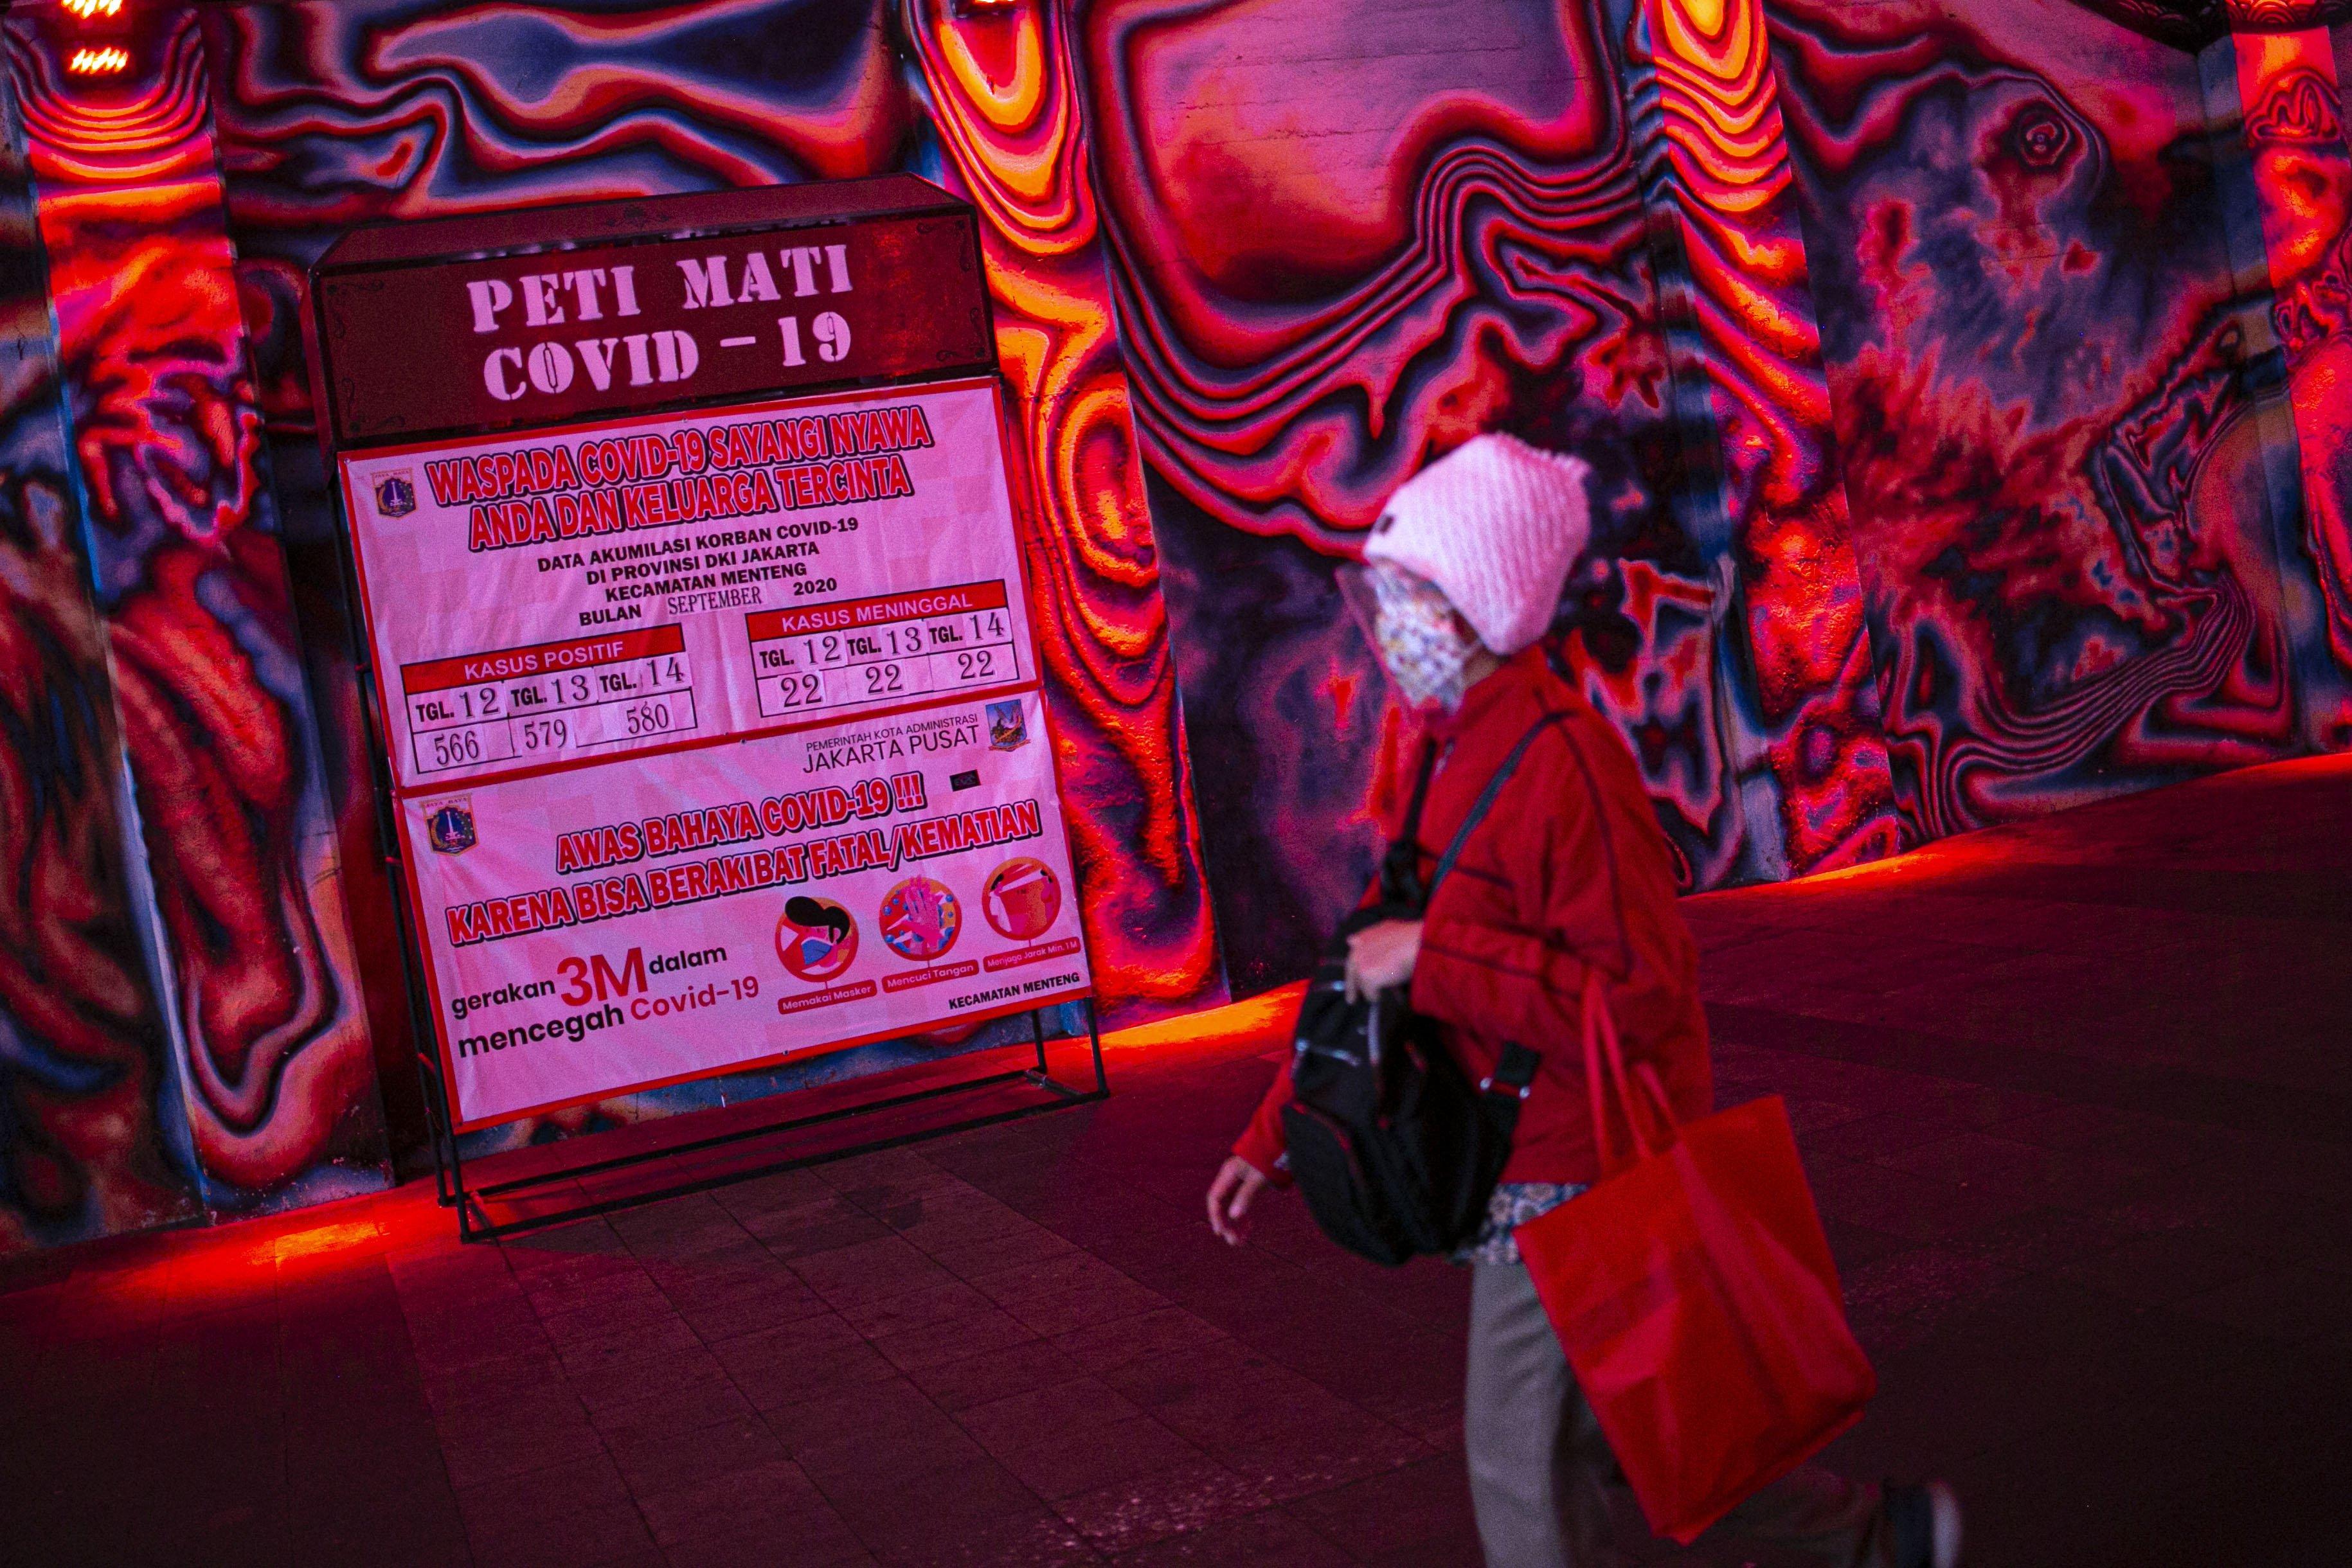 Warga melintasi instalasi peti mati covid-19 di Terowongan Kendal, Jakarta Pusat, Senin (14/9/2020). Sebelumnya. saat mengumumkan PSBBJakarta diperketat,Anies menyatakan kasus Covid-19 di ibu kota RI itu terbilang mengkhawatirkan. Tambahan kasus harian di Jakarta dalam beberapa hari terakhir mencapai angka 1.000 kasus.